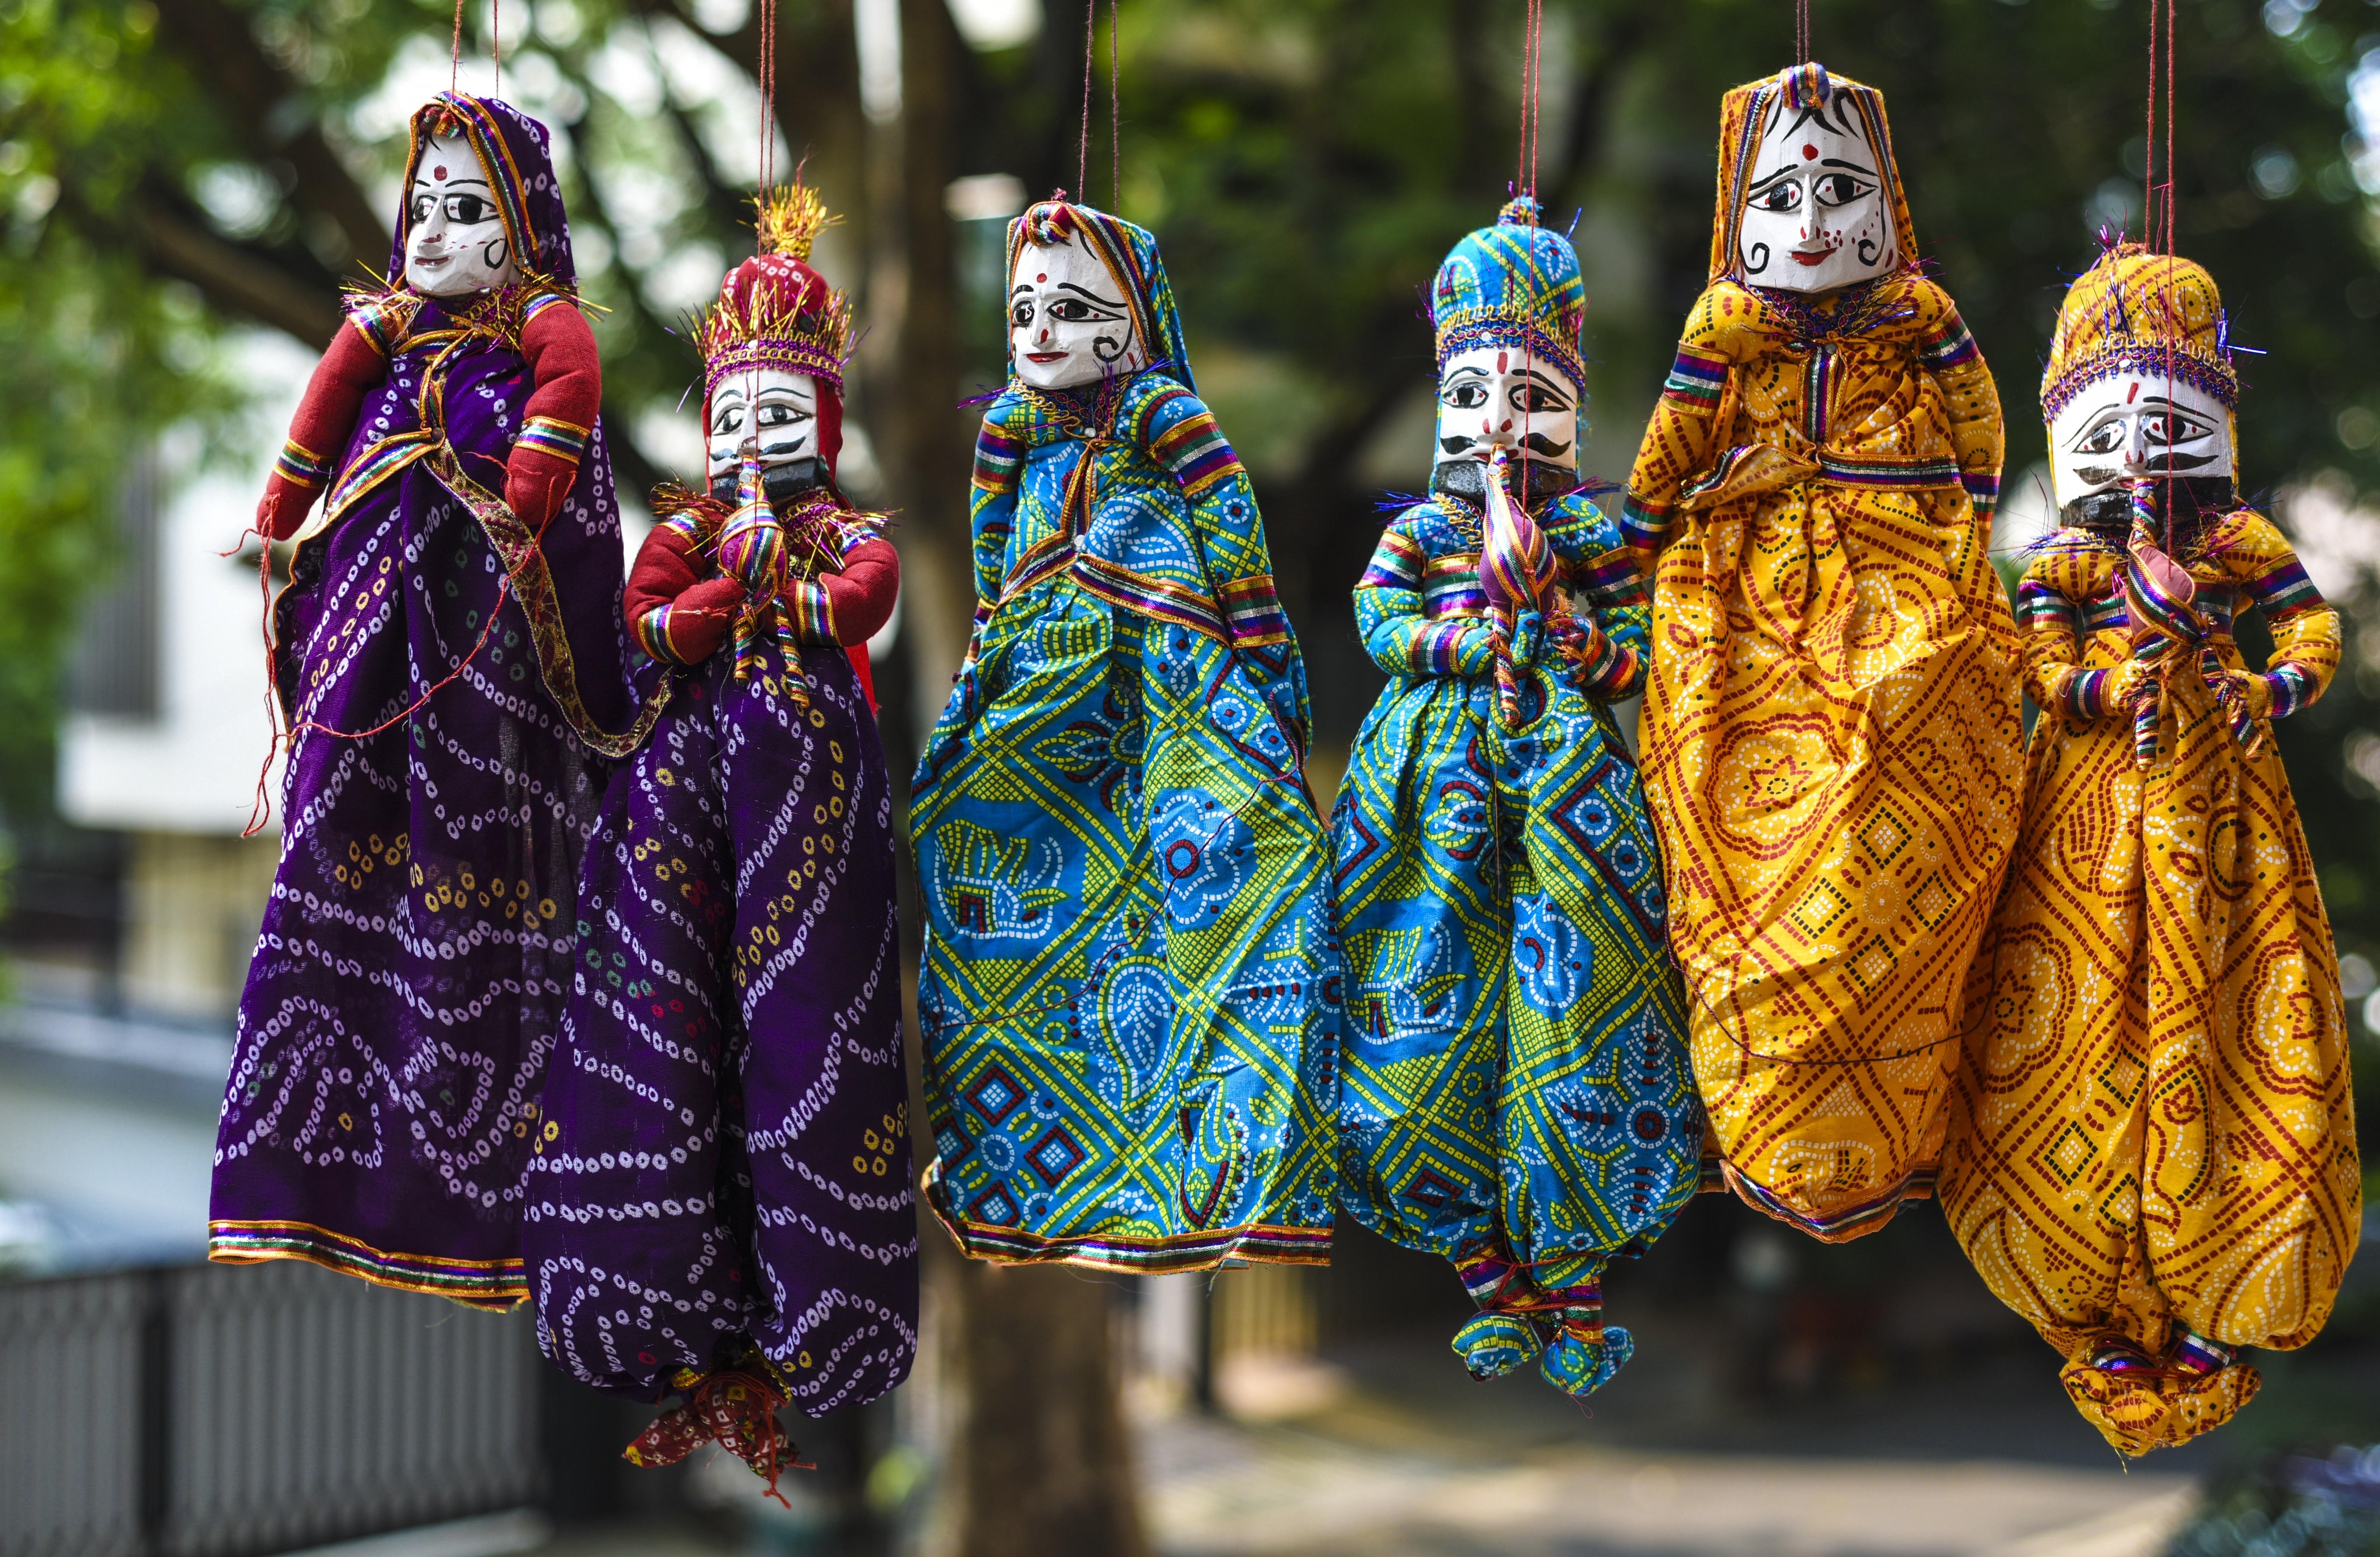 L'artisanat indien dans toutes ses formes – ACTU INDE